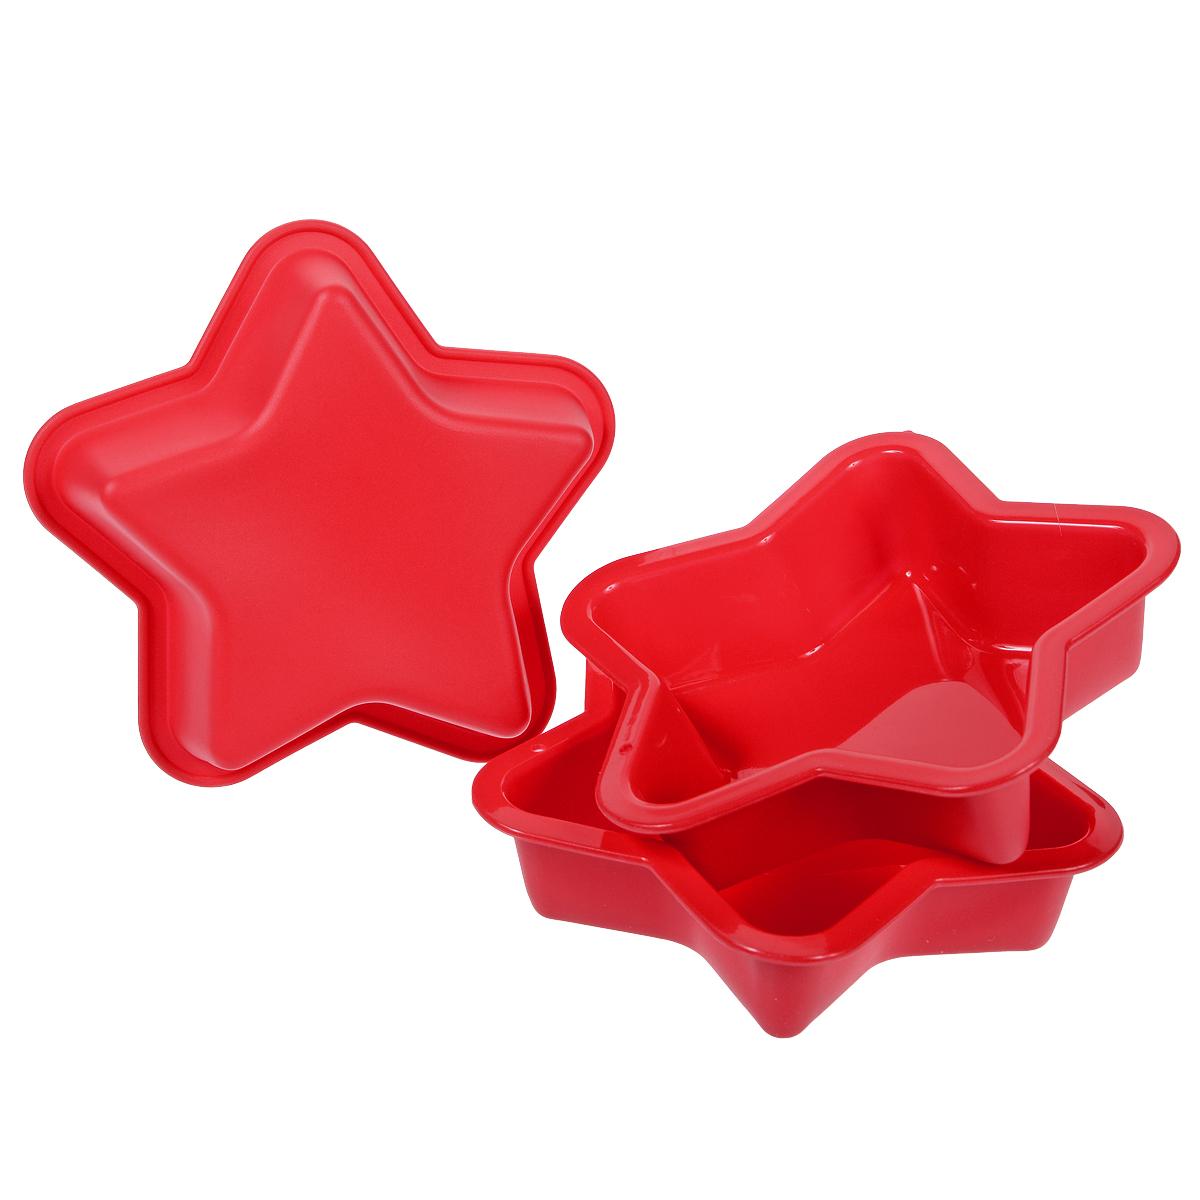 Набор форм для выпечки Звезда, цвет: красный, 3 шт830-131Набор форм для выпечки Звезда состоит из трех форм, выполненных из силикона в виде звезд. Основные преимущества силиконовых форм заключаются в том, что их можно использовать при очень высоких температурах, пища в них не пригорает и легко вынимается; после использования такие формочки очень легко мыть. Специальная форма изделий идеальна для приготовления кексов и пирожных. Такие формы также можно использовать для заморозки.